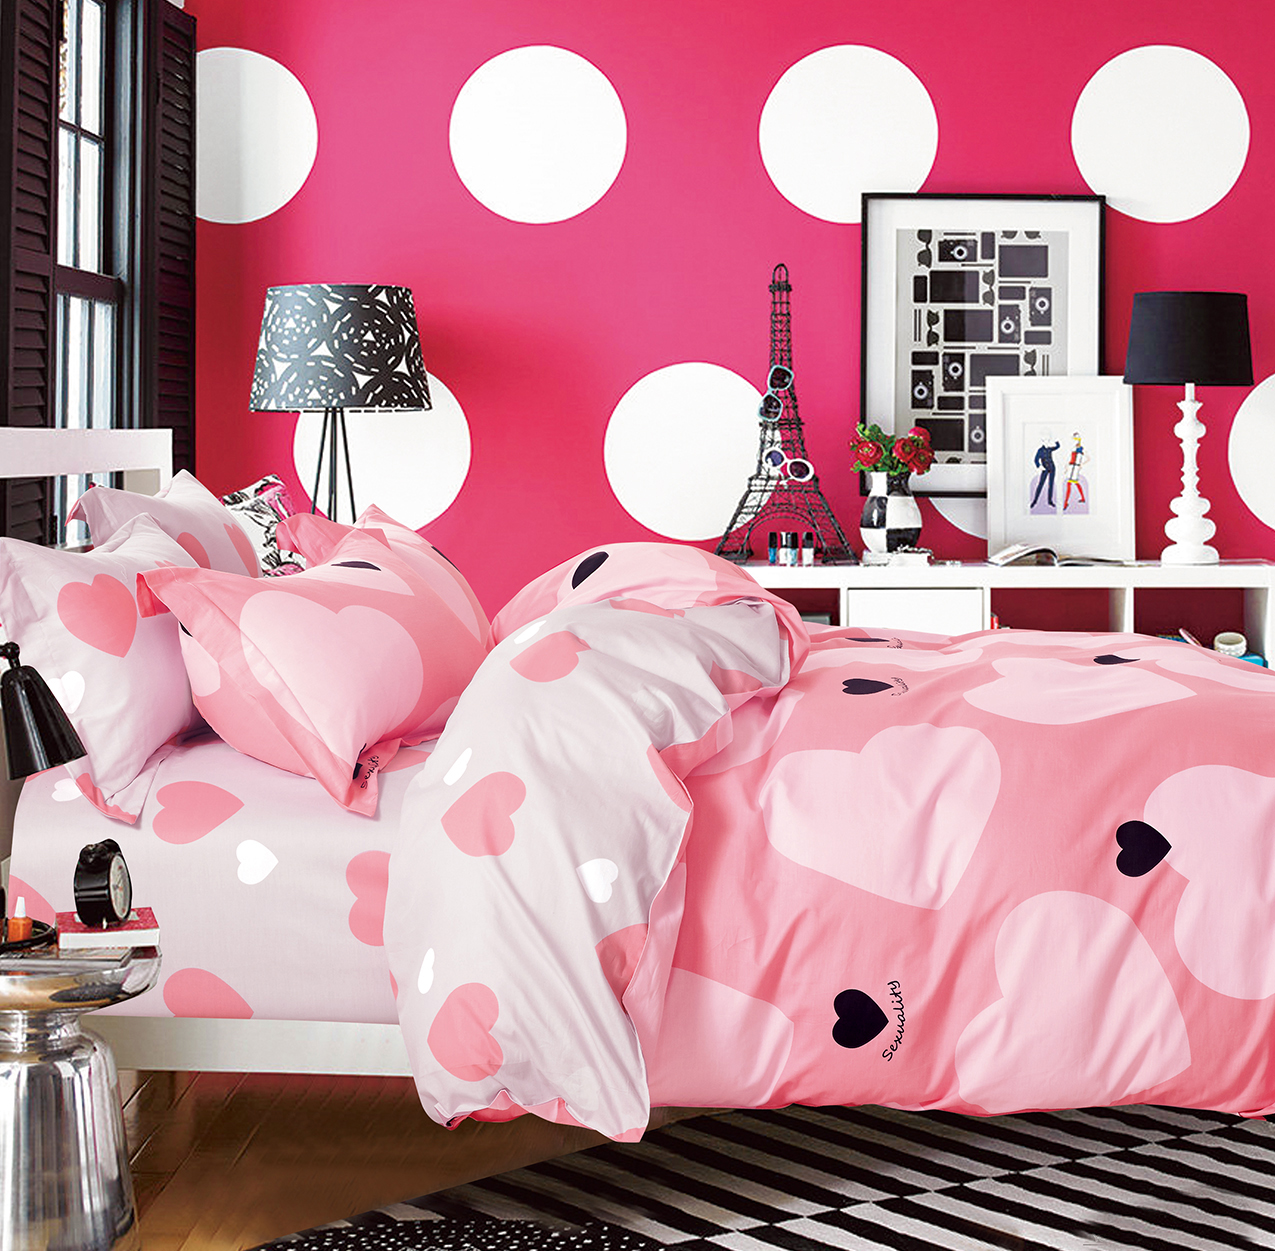 Купить Комплекты постельного белья Tango, Постельное белье Zoful (2 сп. евро), Китай, Розовый, Хлопковый сатин